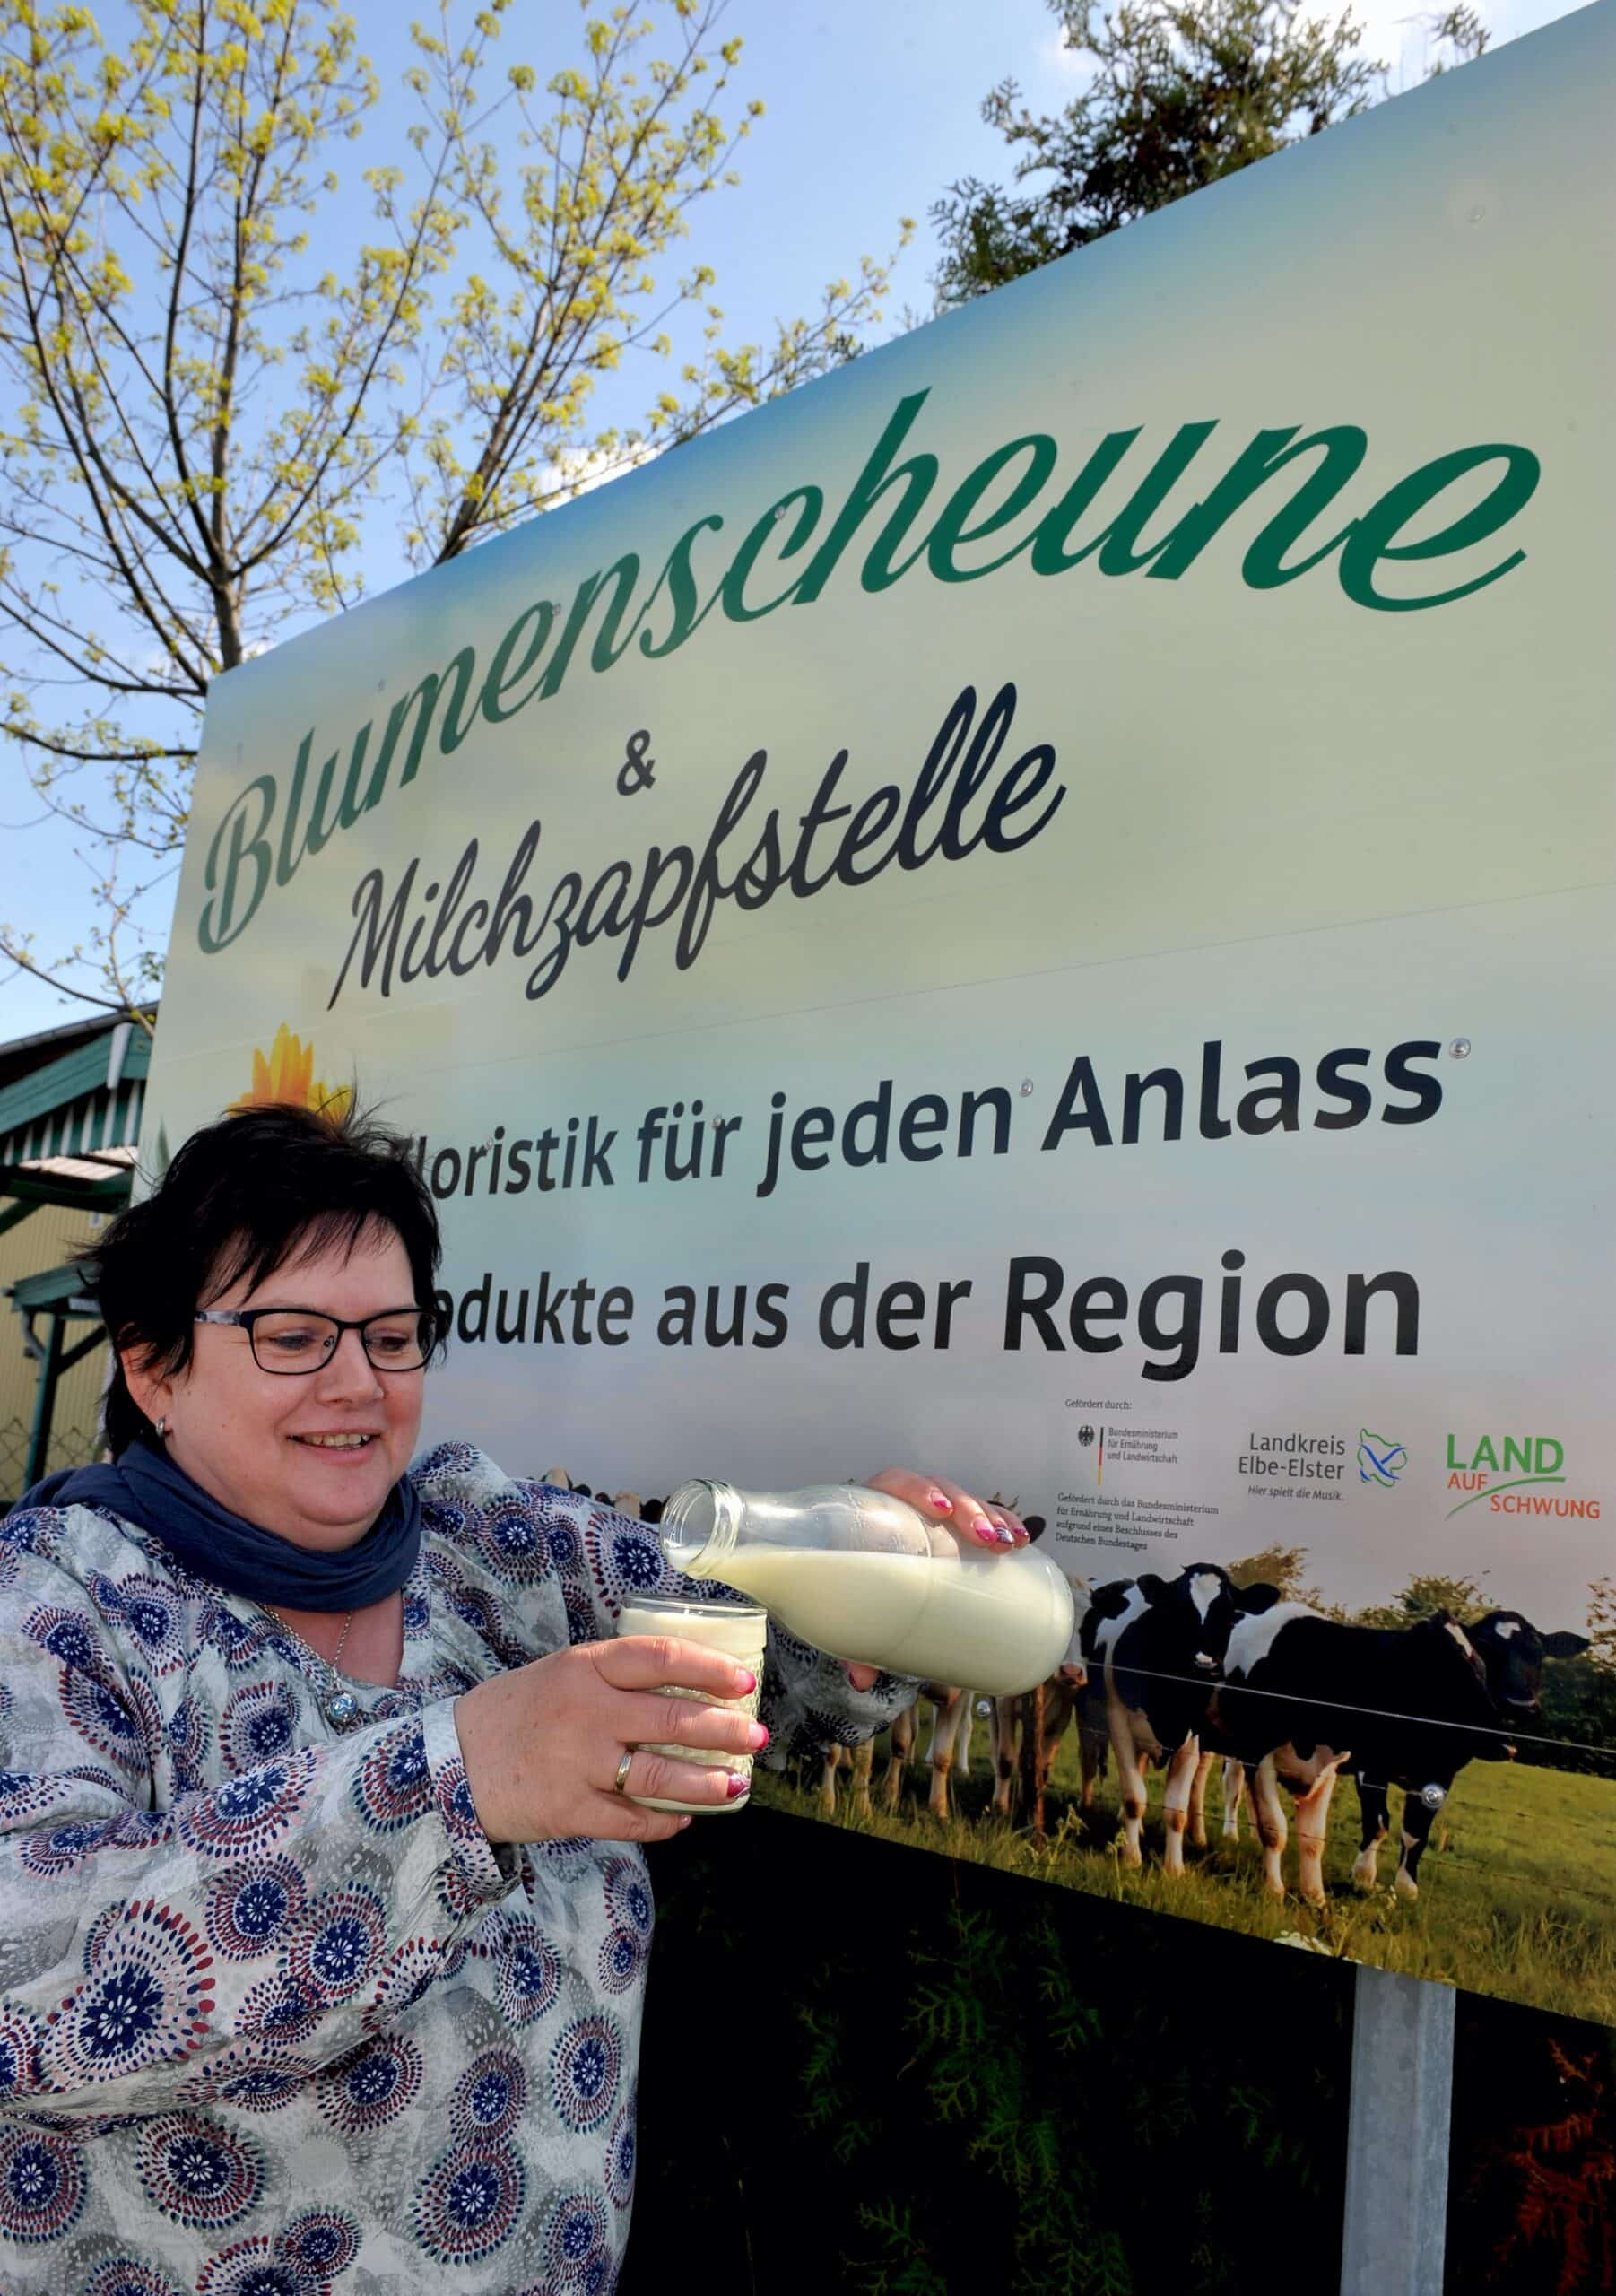 Schild Blumenscheune und Milchzapfstelle